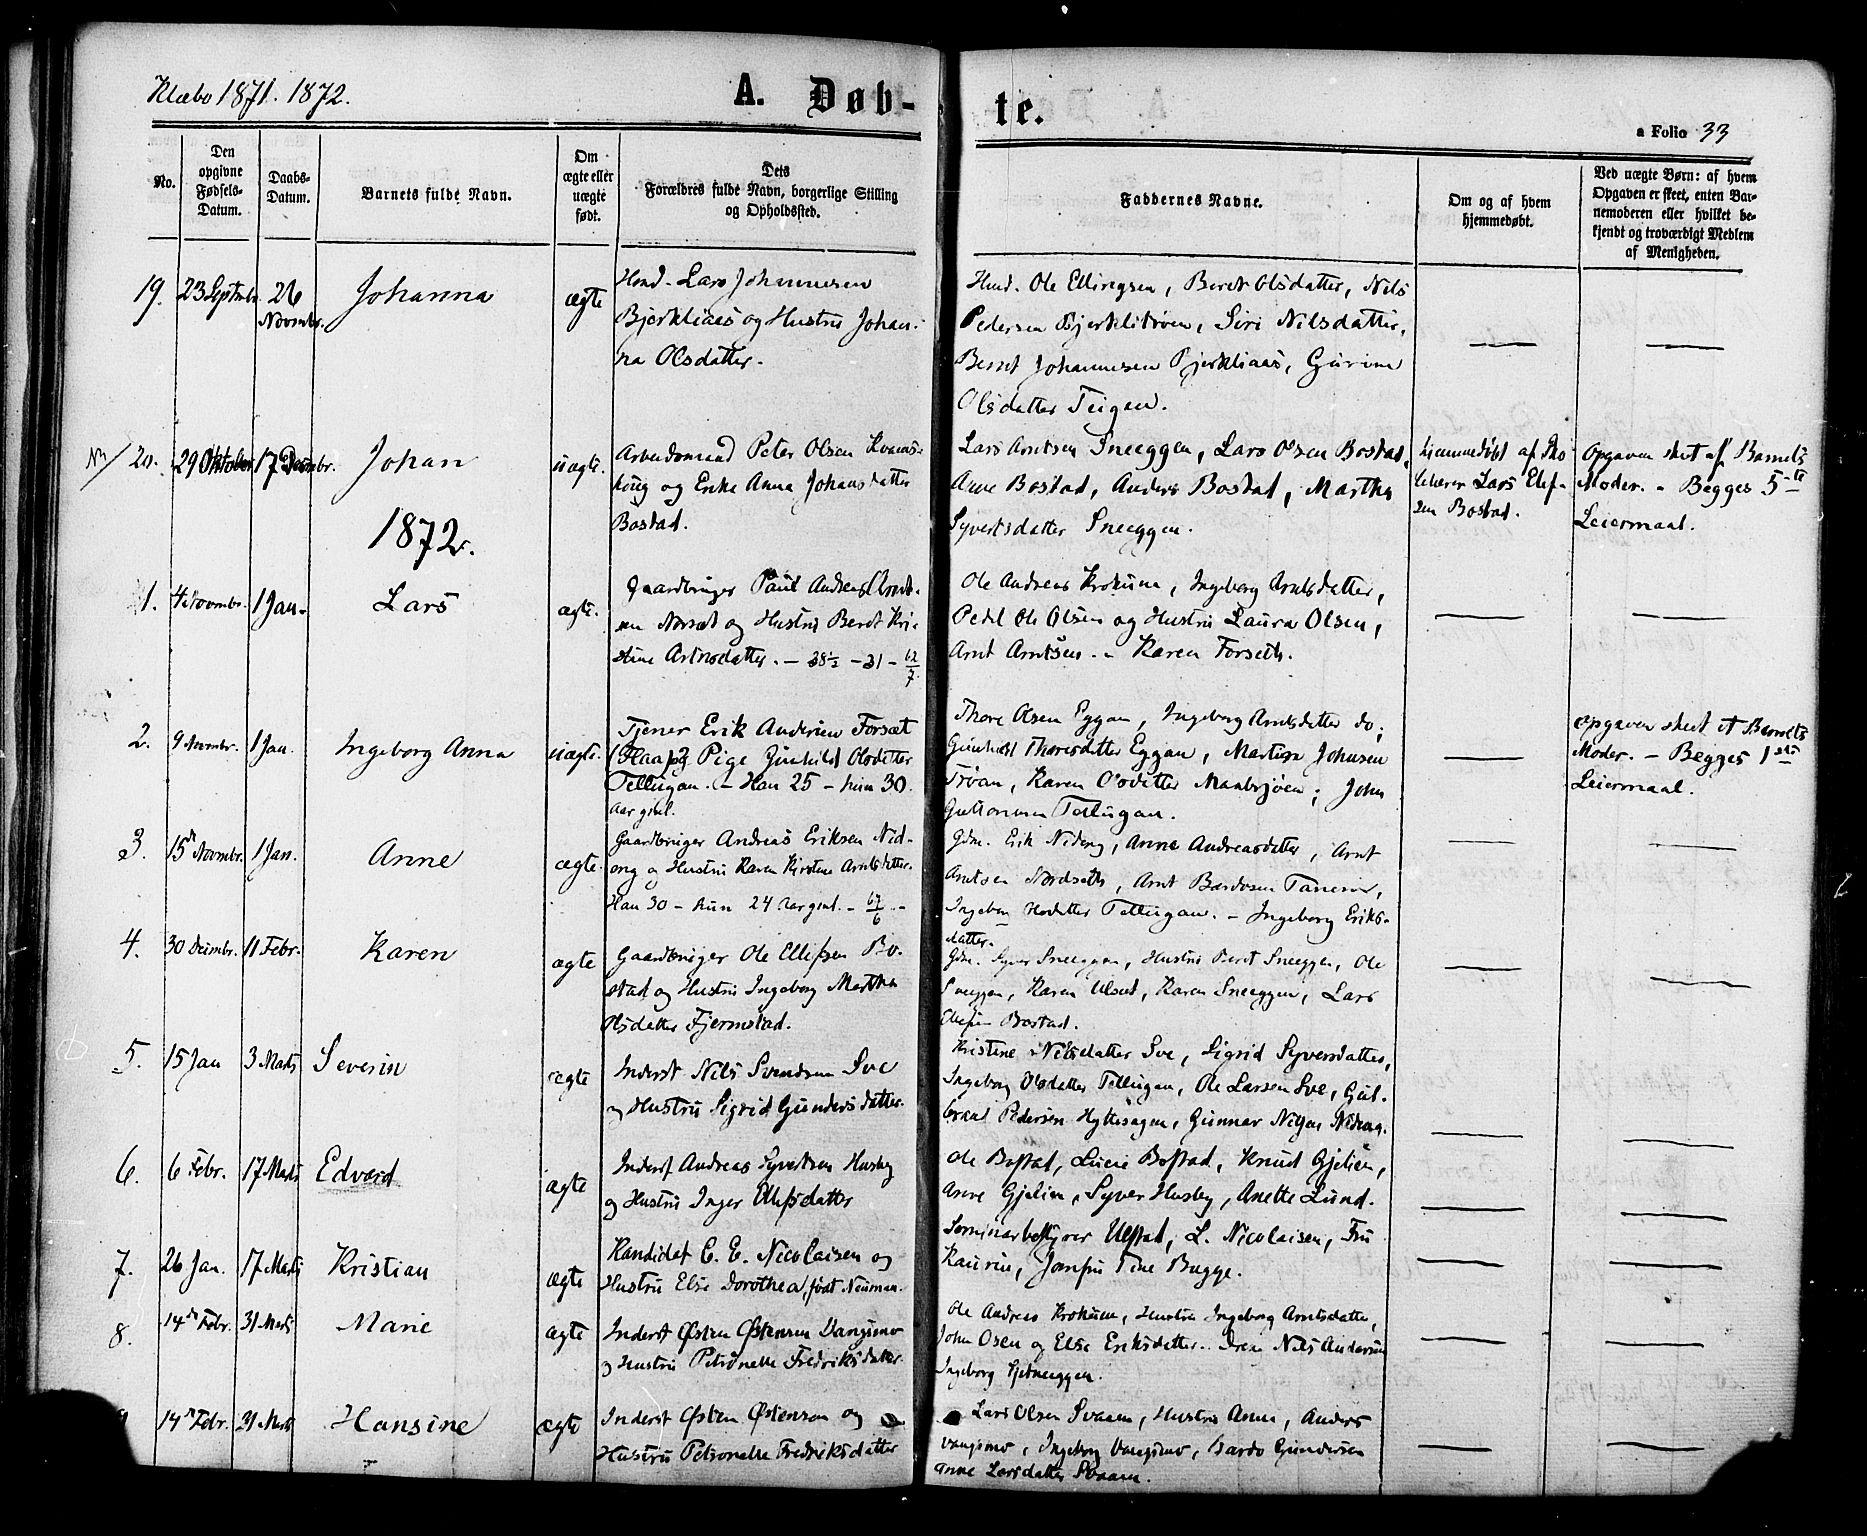 SAT, Ministerialprotokoller, klokkerbøker og fødselsregistre - Sør-Trøndelag, 618/L0442: Ministerialbok nr. 618A06 /1, 1863-1879, s. 33